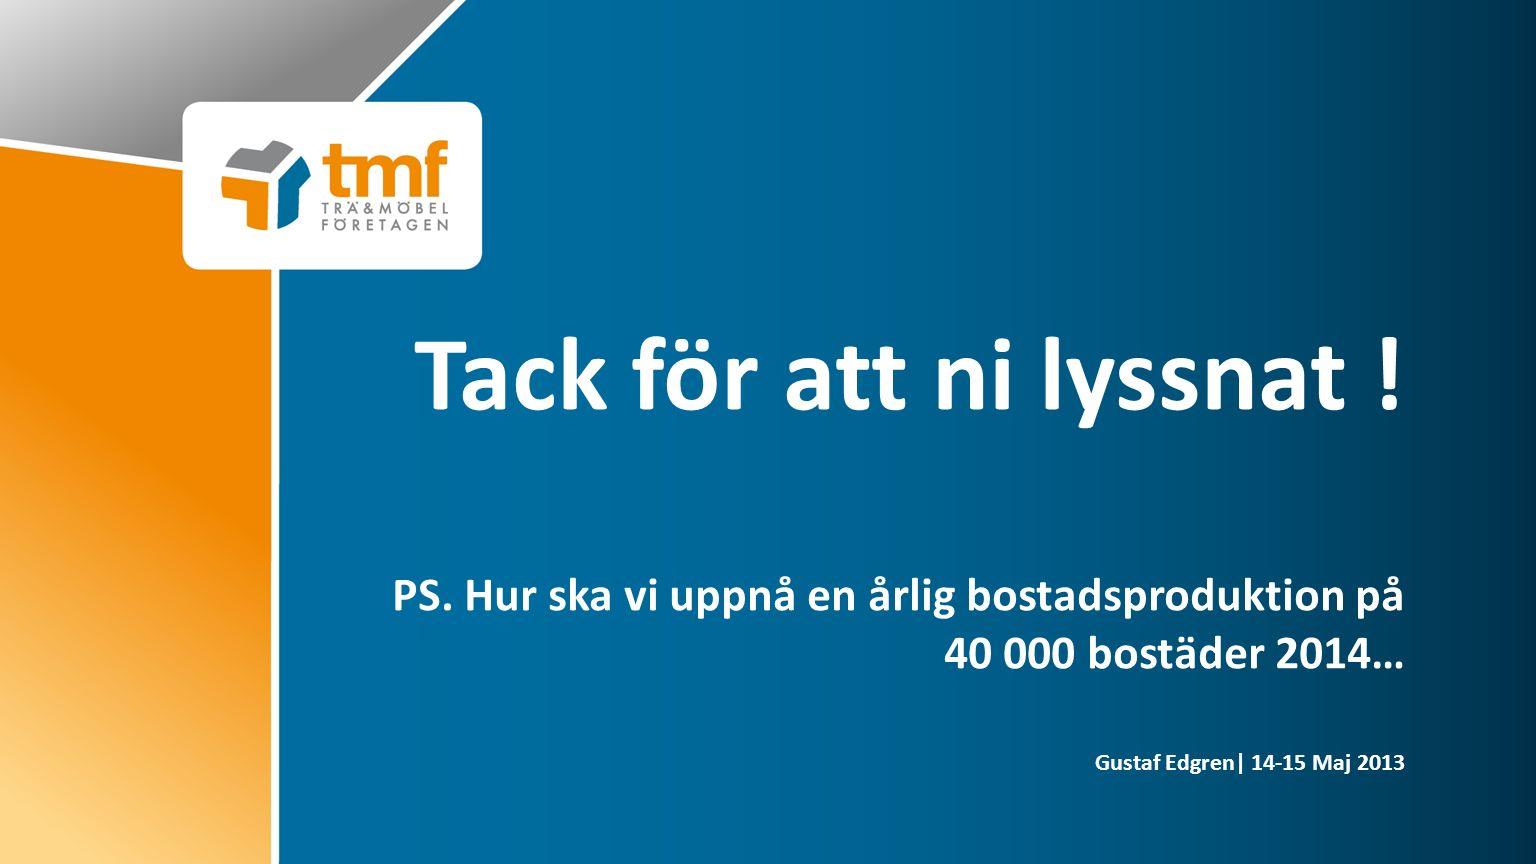 Gustaf Edgren| 14-15 Maj 2013 Tack för att ni lyssnat .